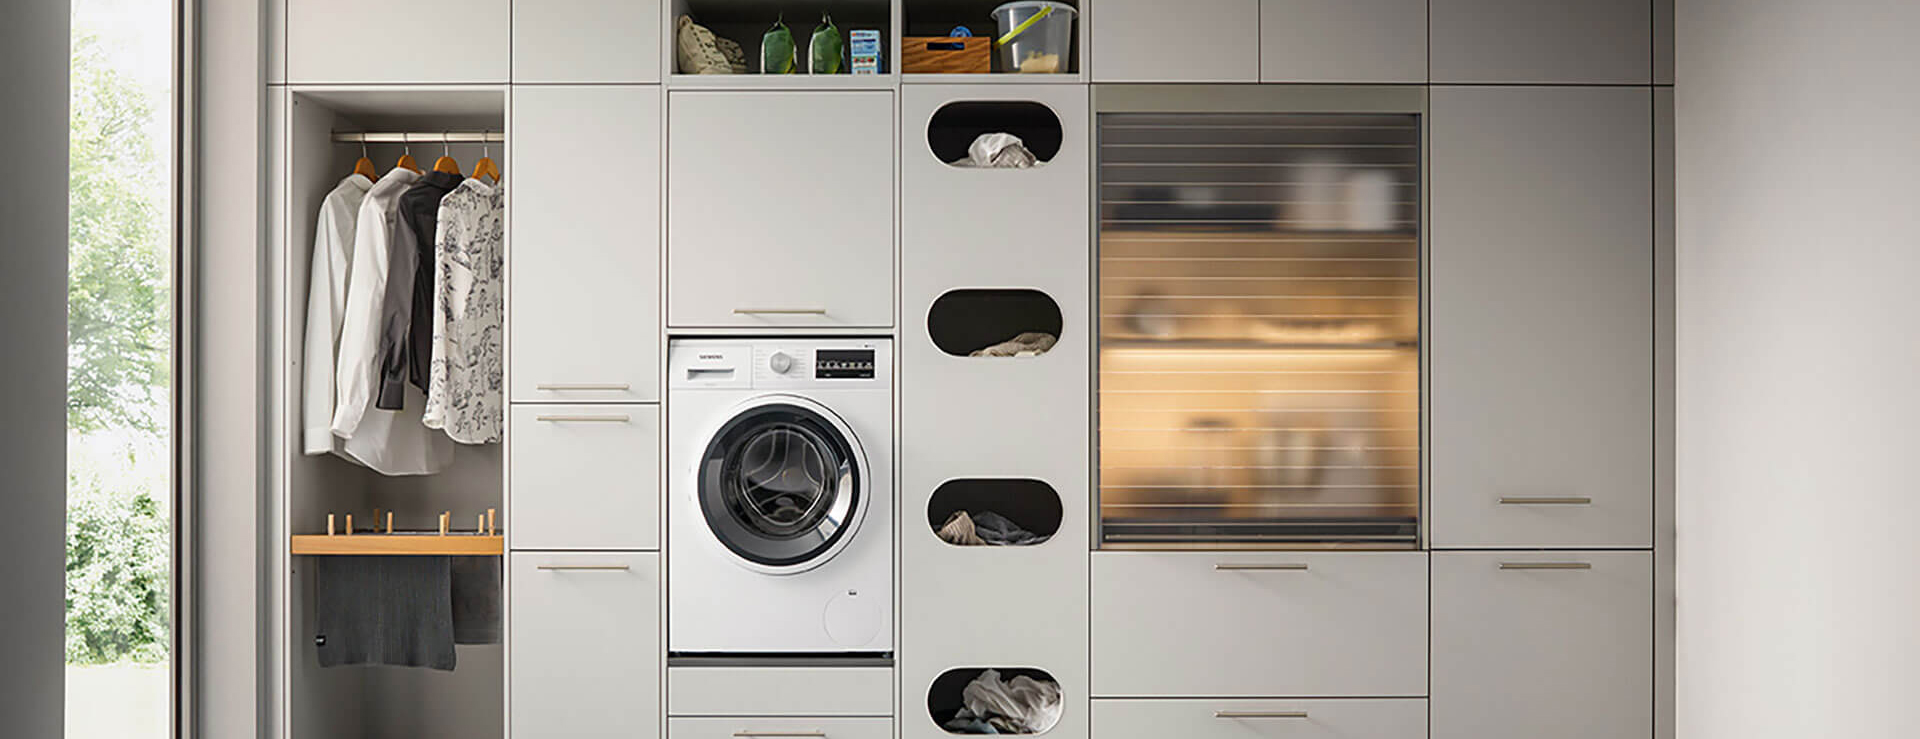 hell grau Haushalt Raum zum Wäschewaschen